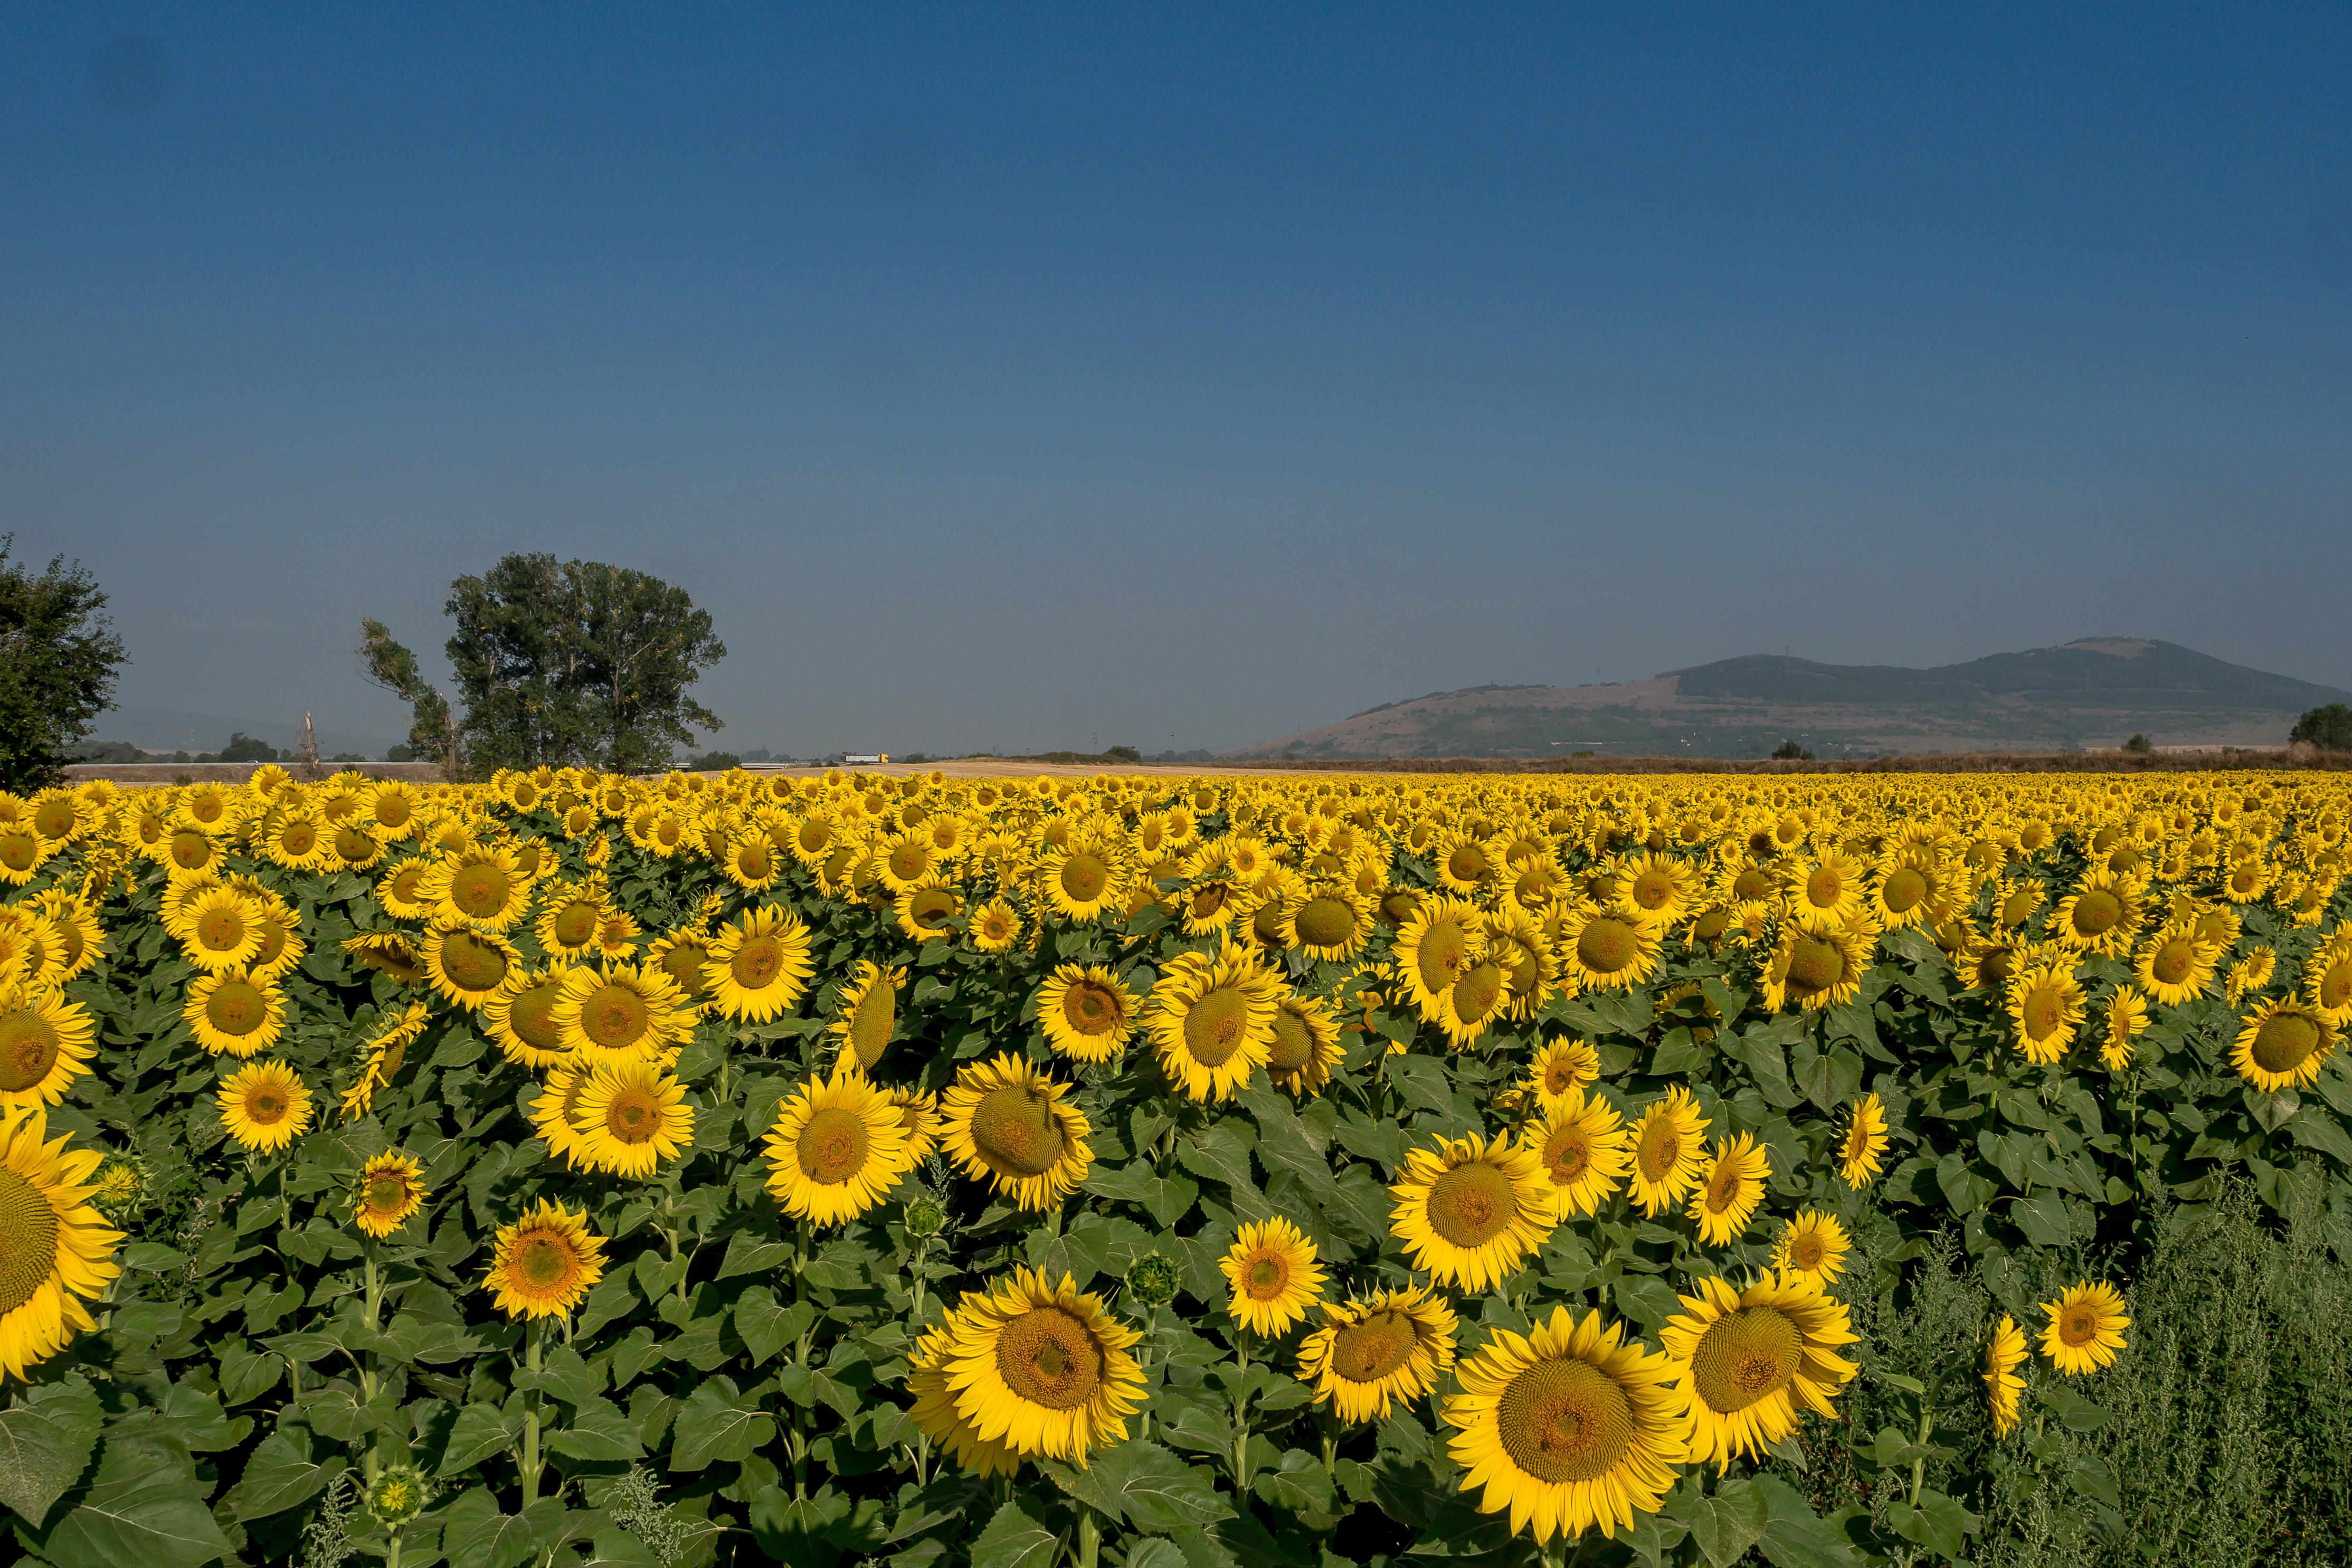 Gambar Bunga Matahari Hari Langit Bidang Kuning Menanam Tanaman Berbunga Perkebunan Musim Semi Tanah Pertanian Pemandangan Tanaman Uang Bunga Liar Biji Bunga Matahari Horison Keluarga Daisy Polos Padang Rumput Awan Makanan